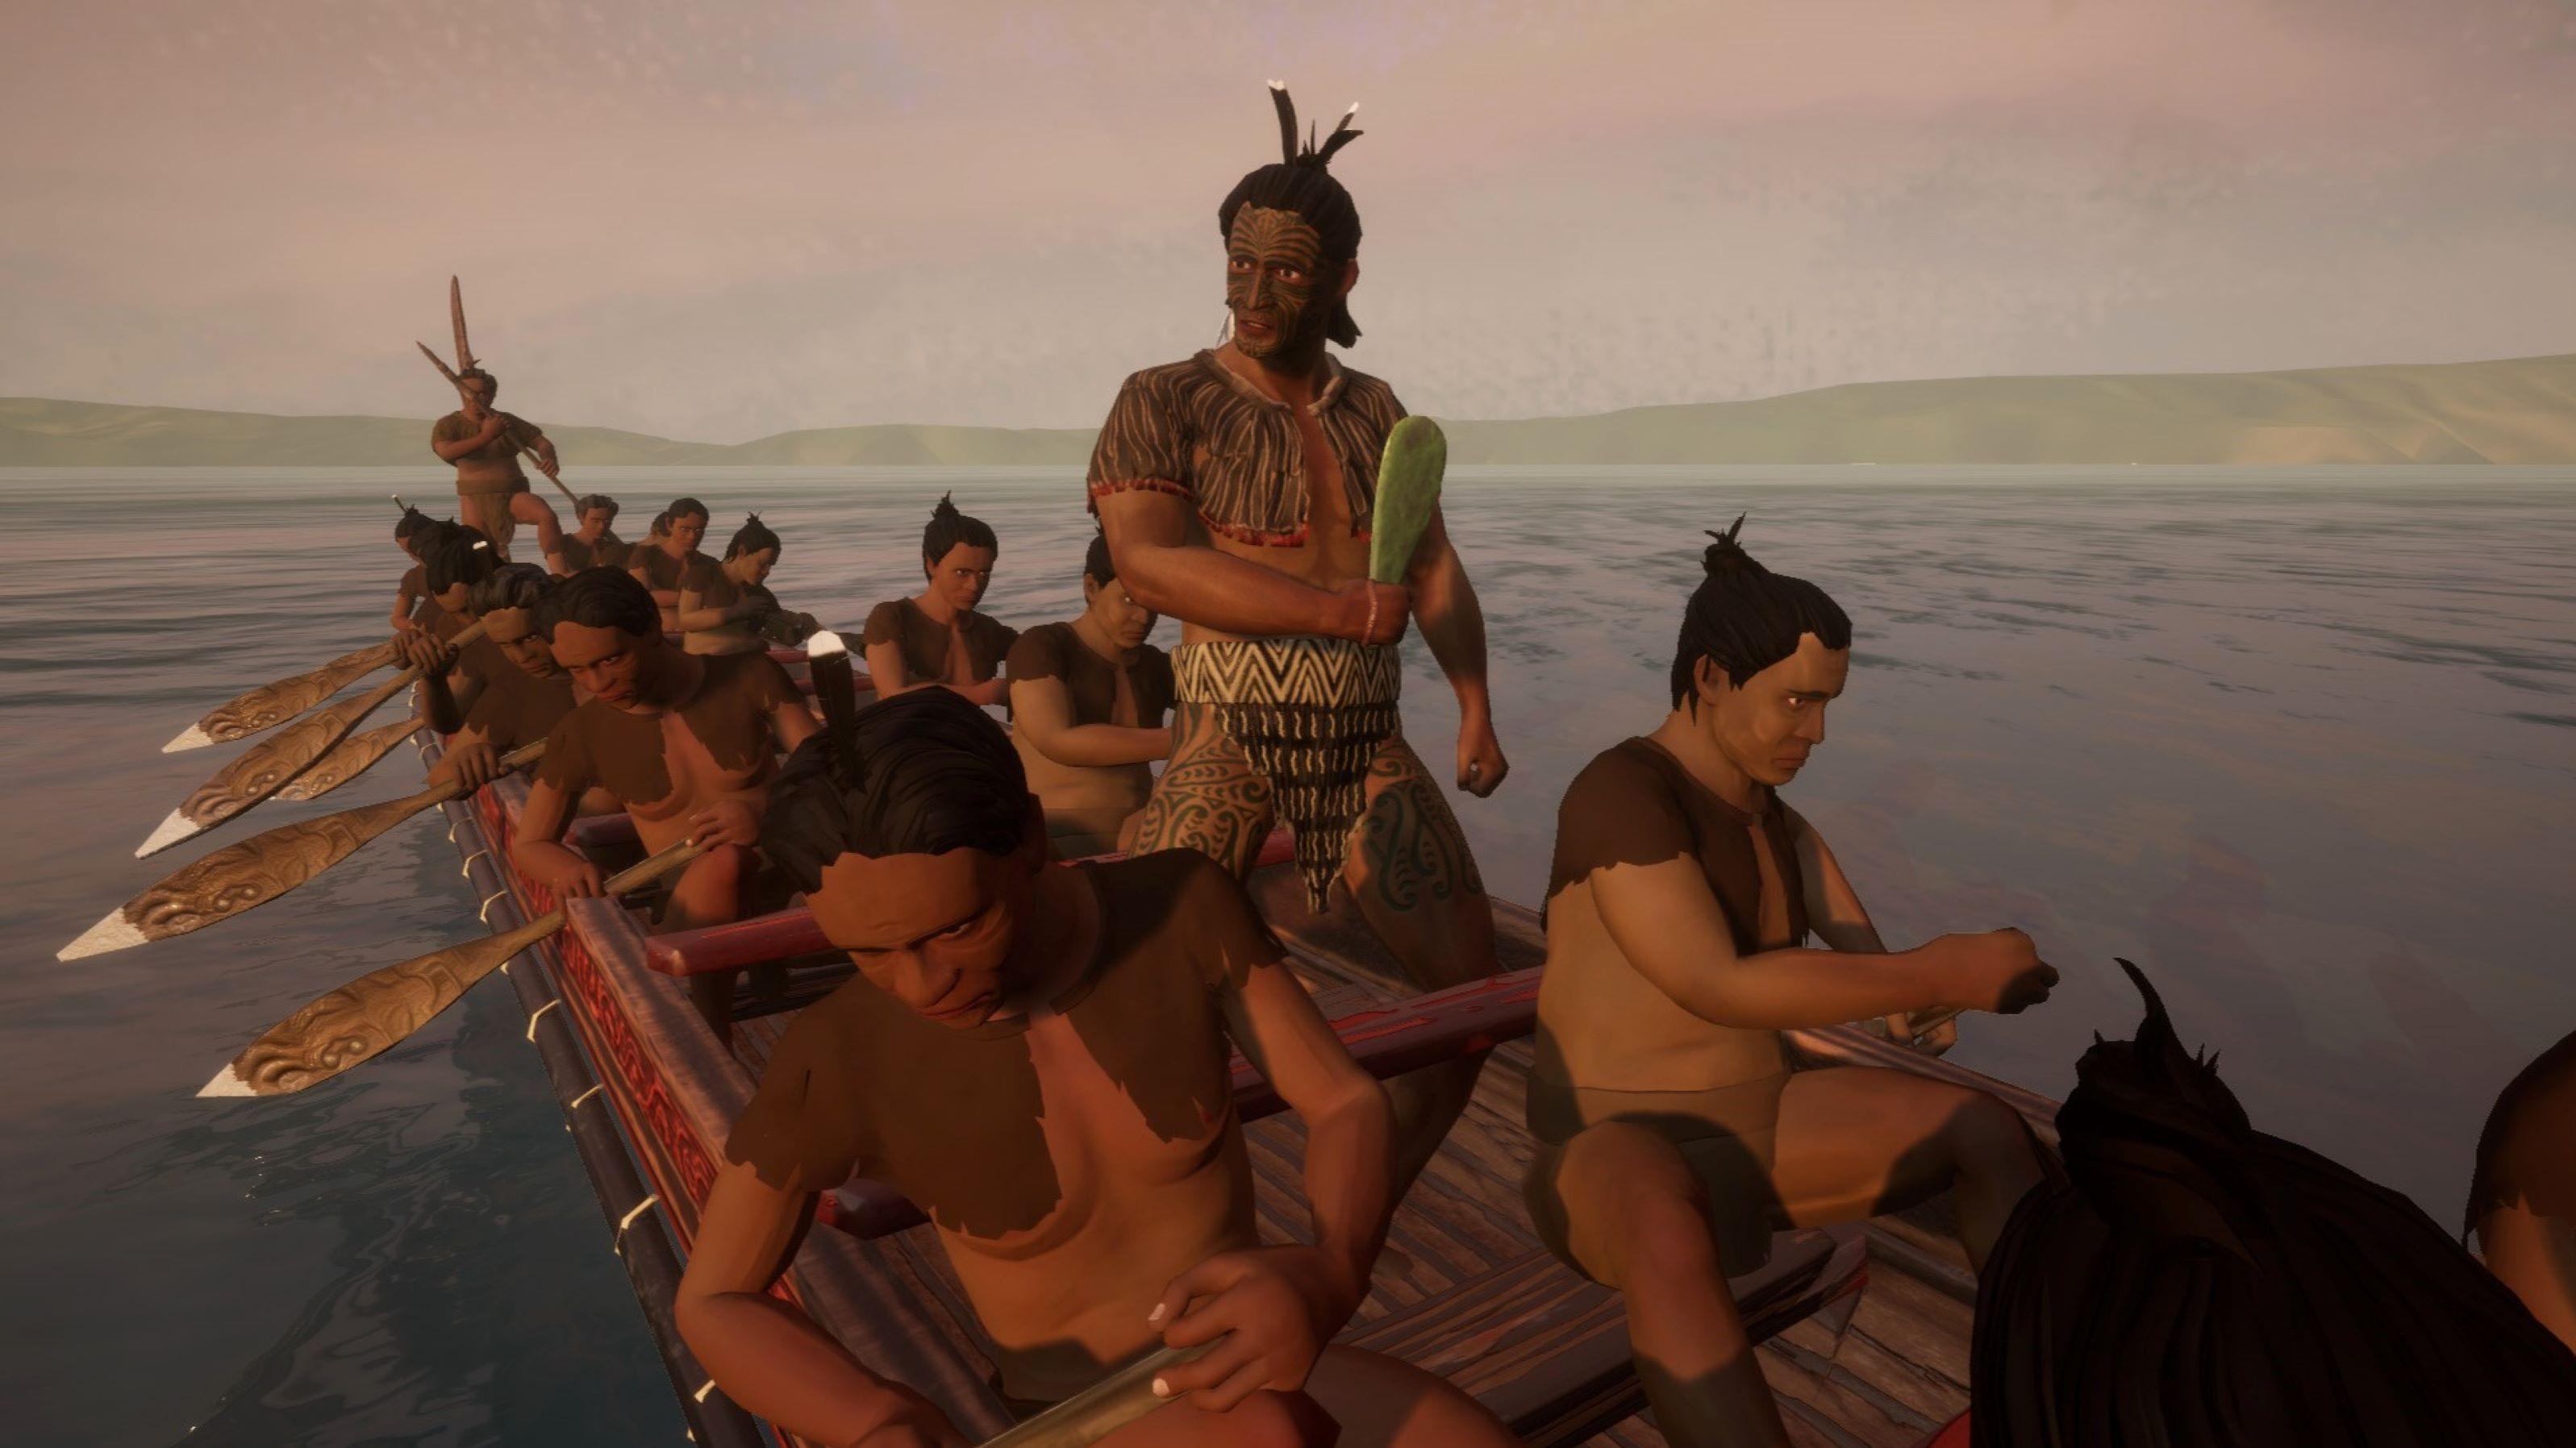 A digital image of Māori on a waka